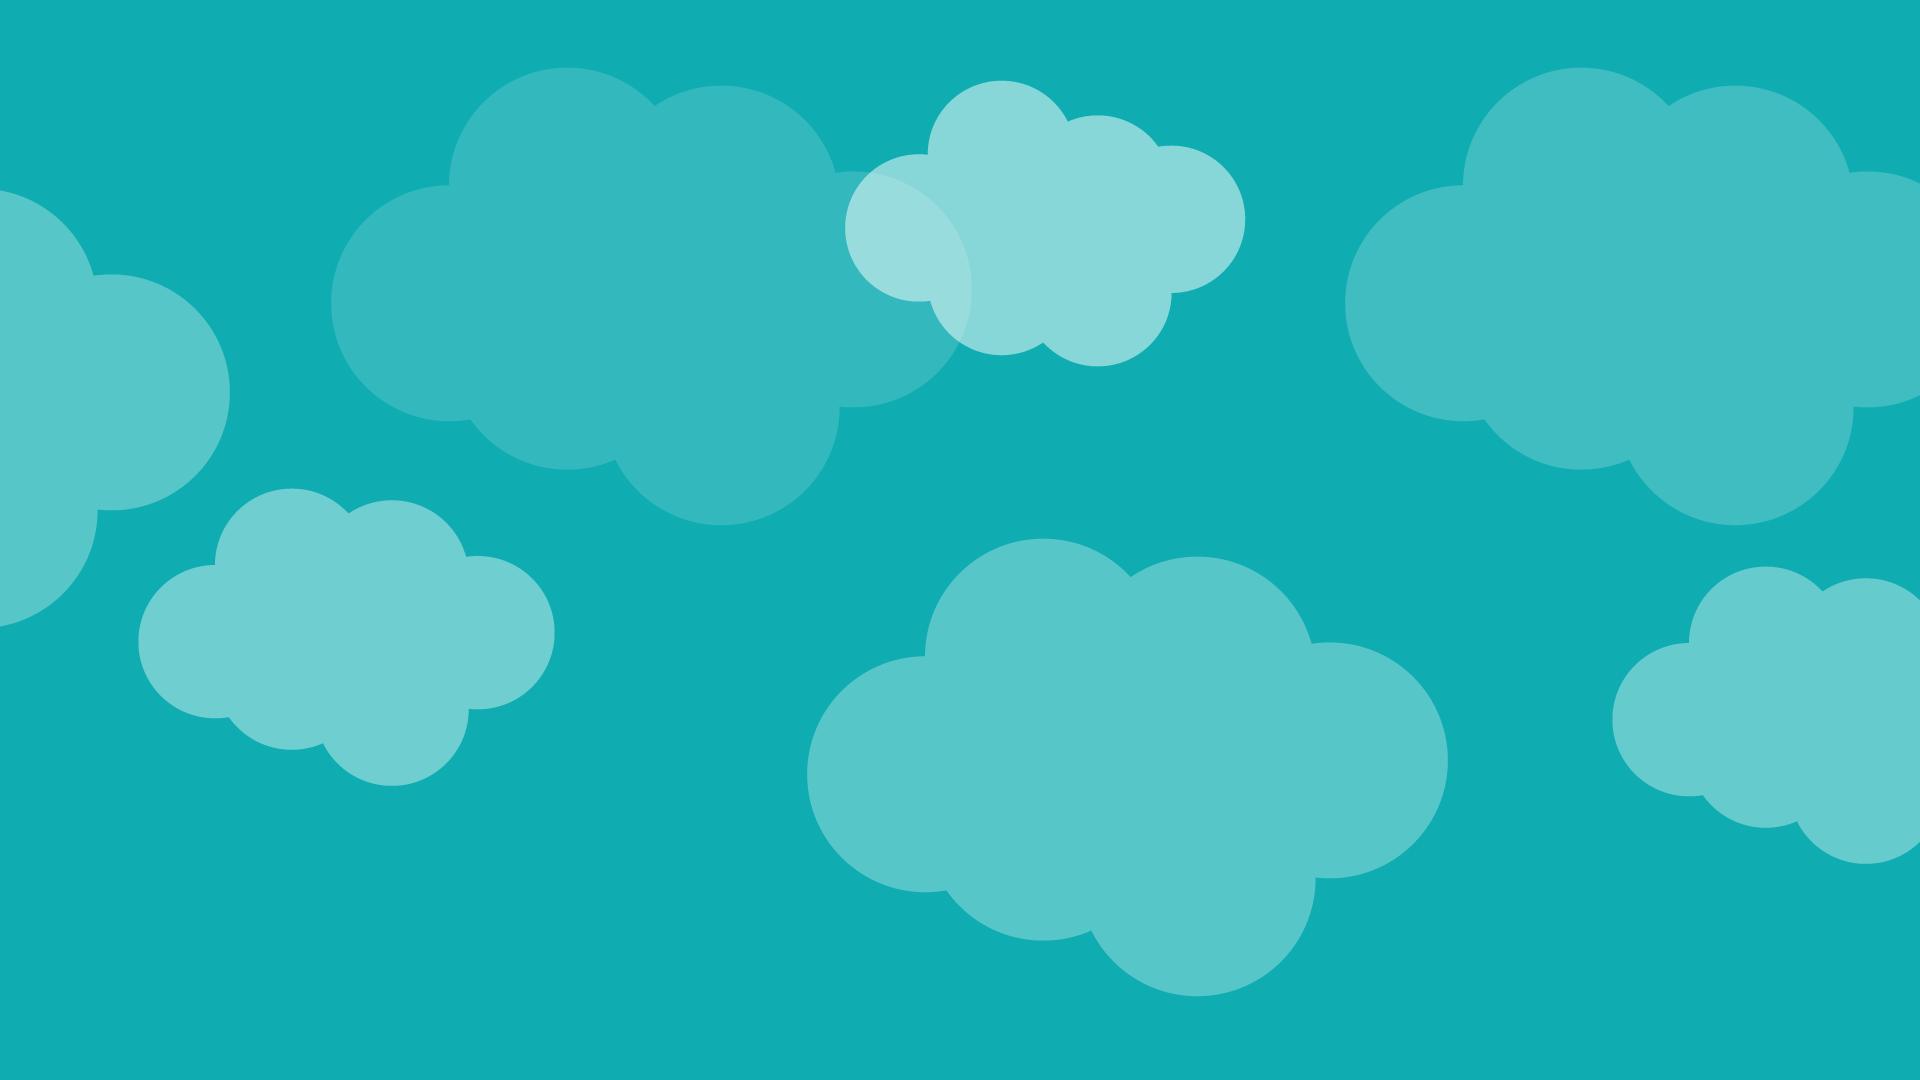 Soluciones <br> en la Nube